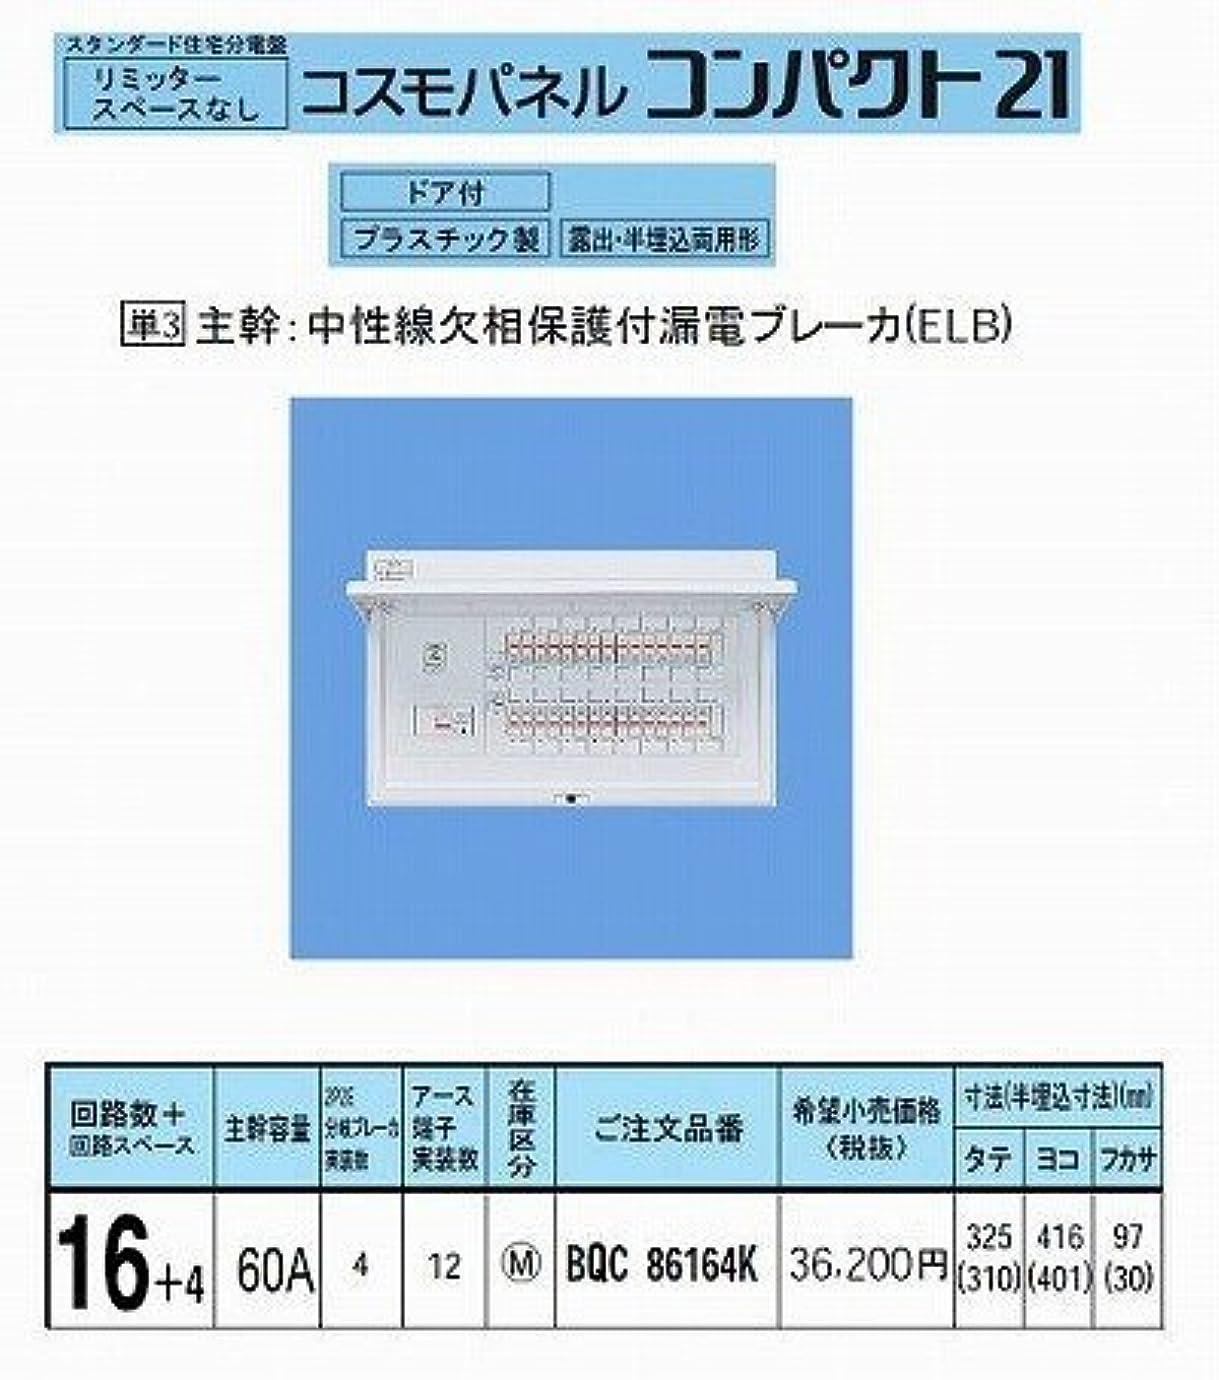 届けるモールス信号モノグラフパナソニック(Panasonic) コスモC露出 L無60A16+4 BQR86164